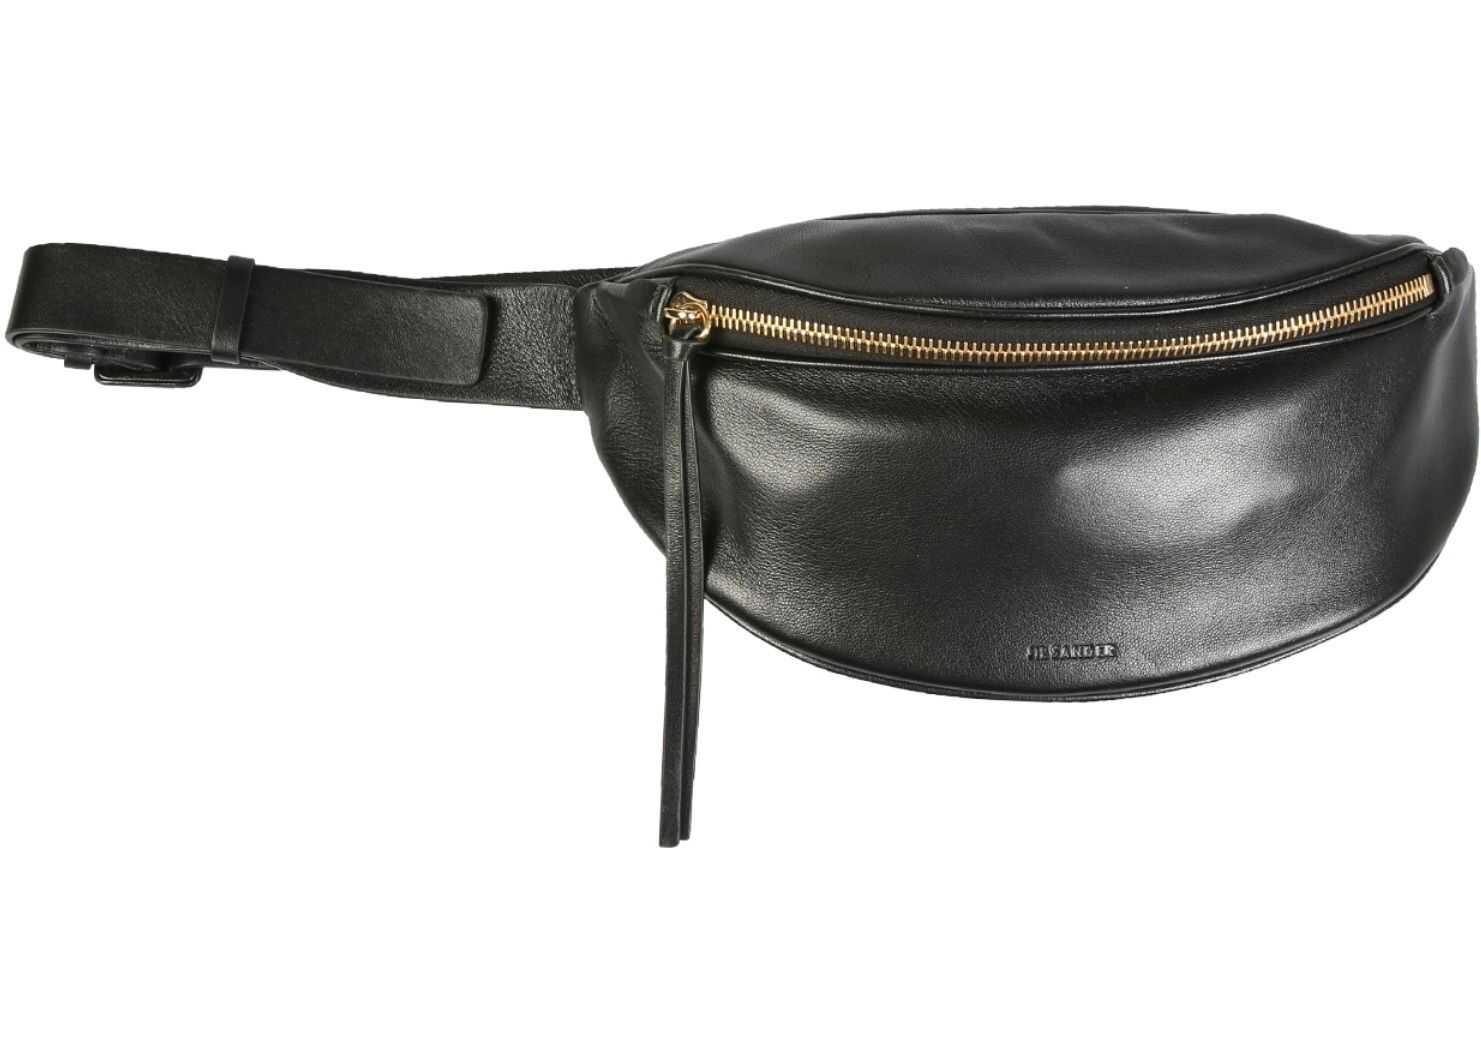 Jil Sander Small Belt Bag JSPS855522_WSB01045N001 BLACK imagine b-mall.ro